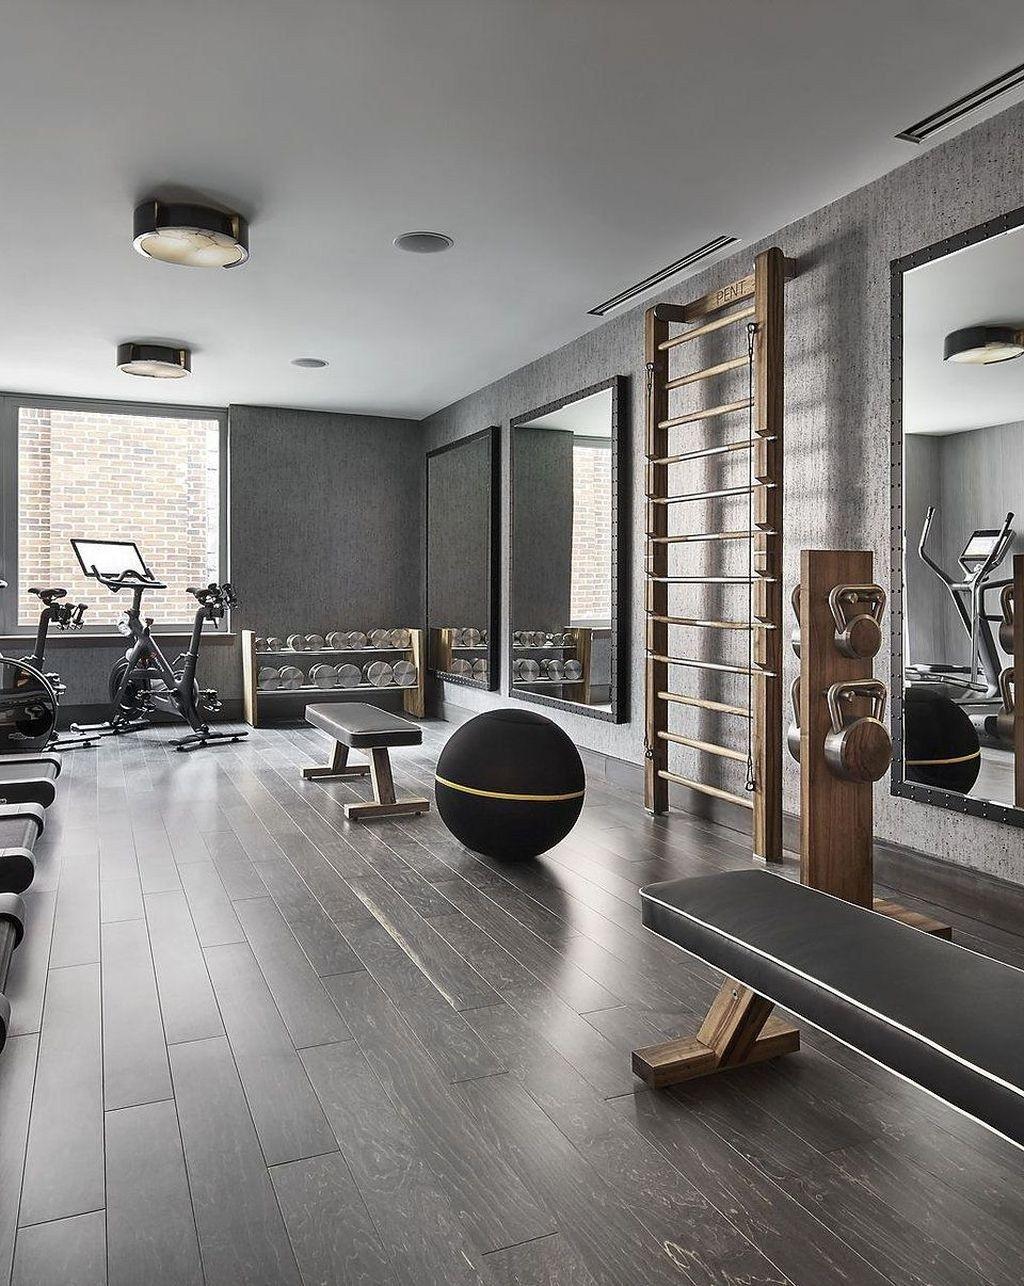 32 inspiring home gym ideas gym room at home home gym